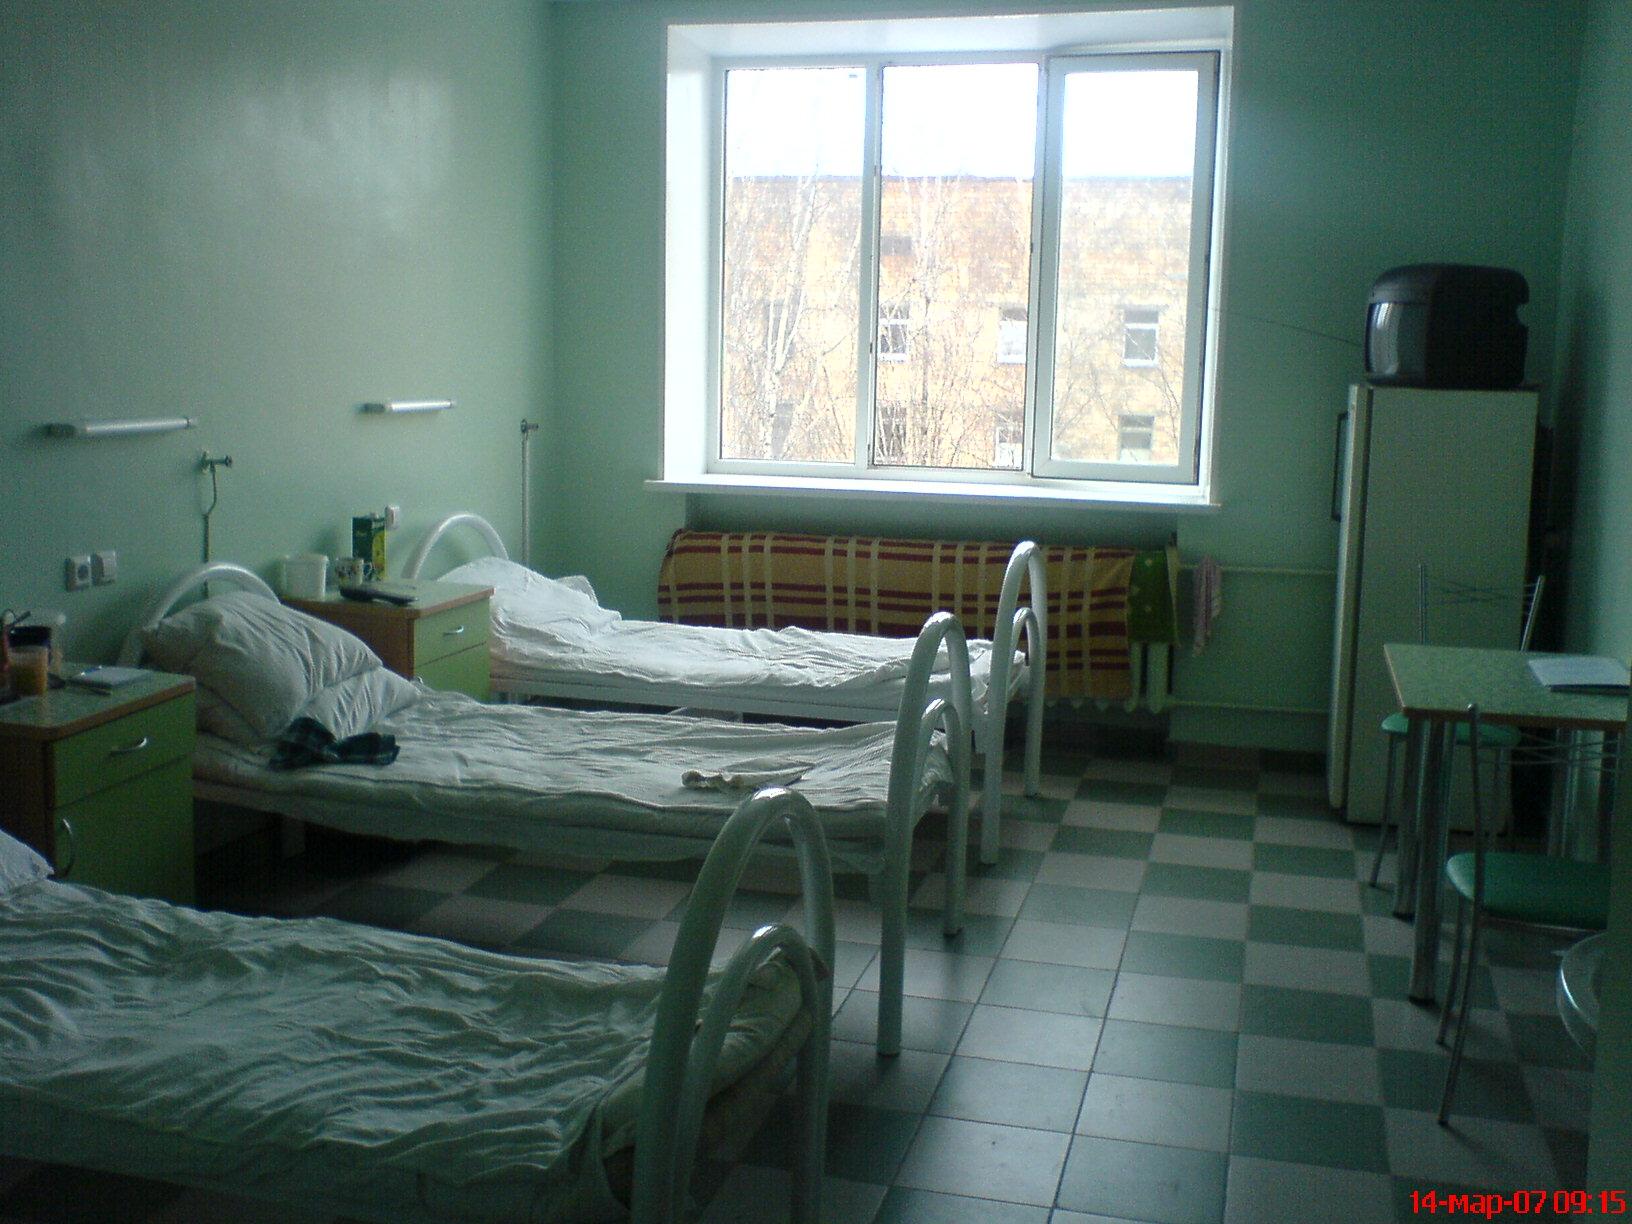 Різдвяний шок або як насправді поводяться з паціентами у Львівській обласній лікарні. Там просто жахіття